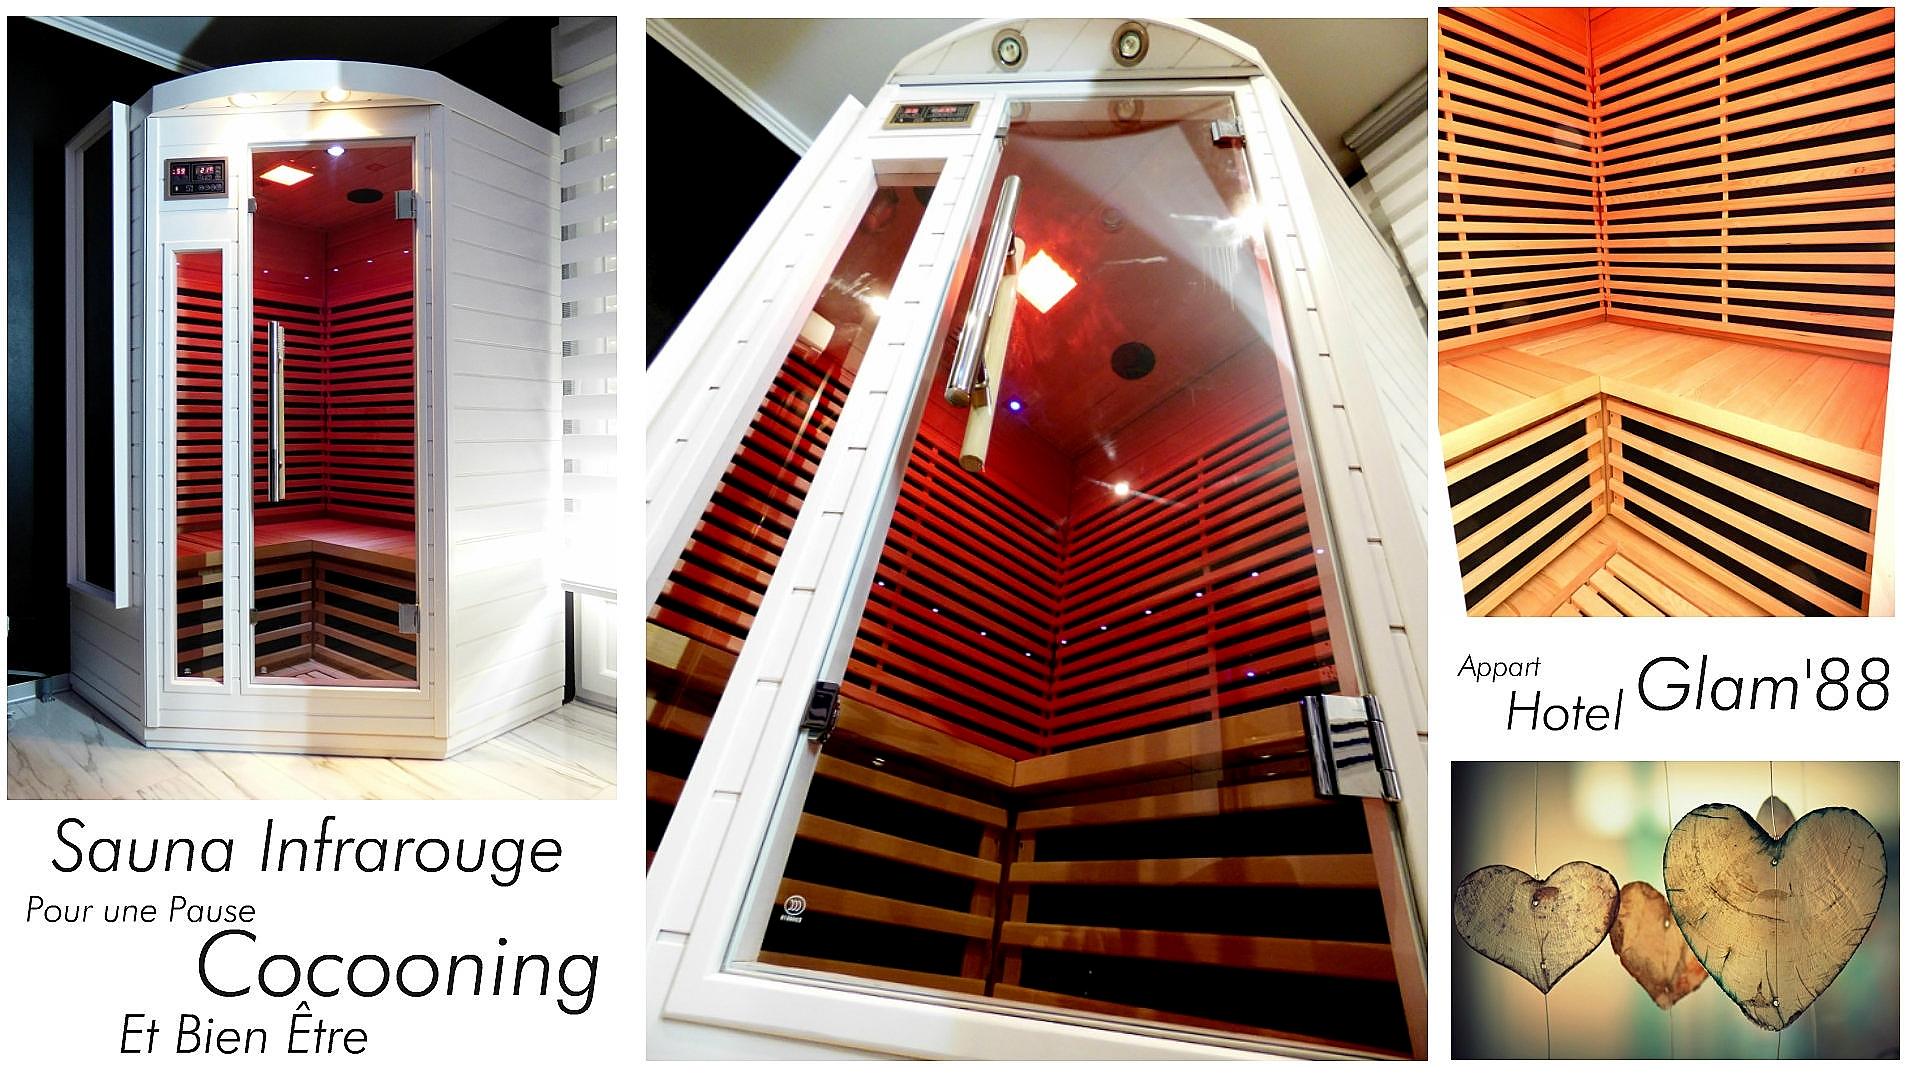 le confort du Nord ... profiter de votre sauna privé au glam88